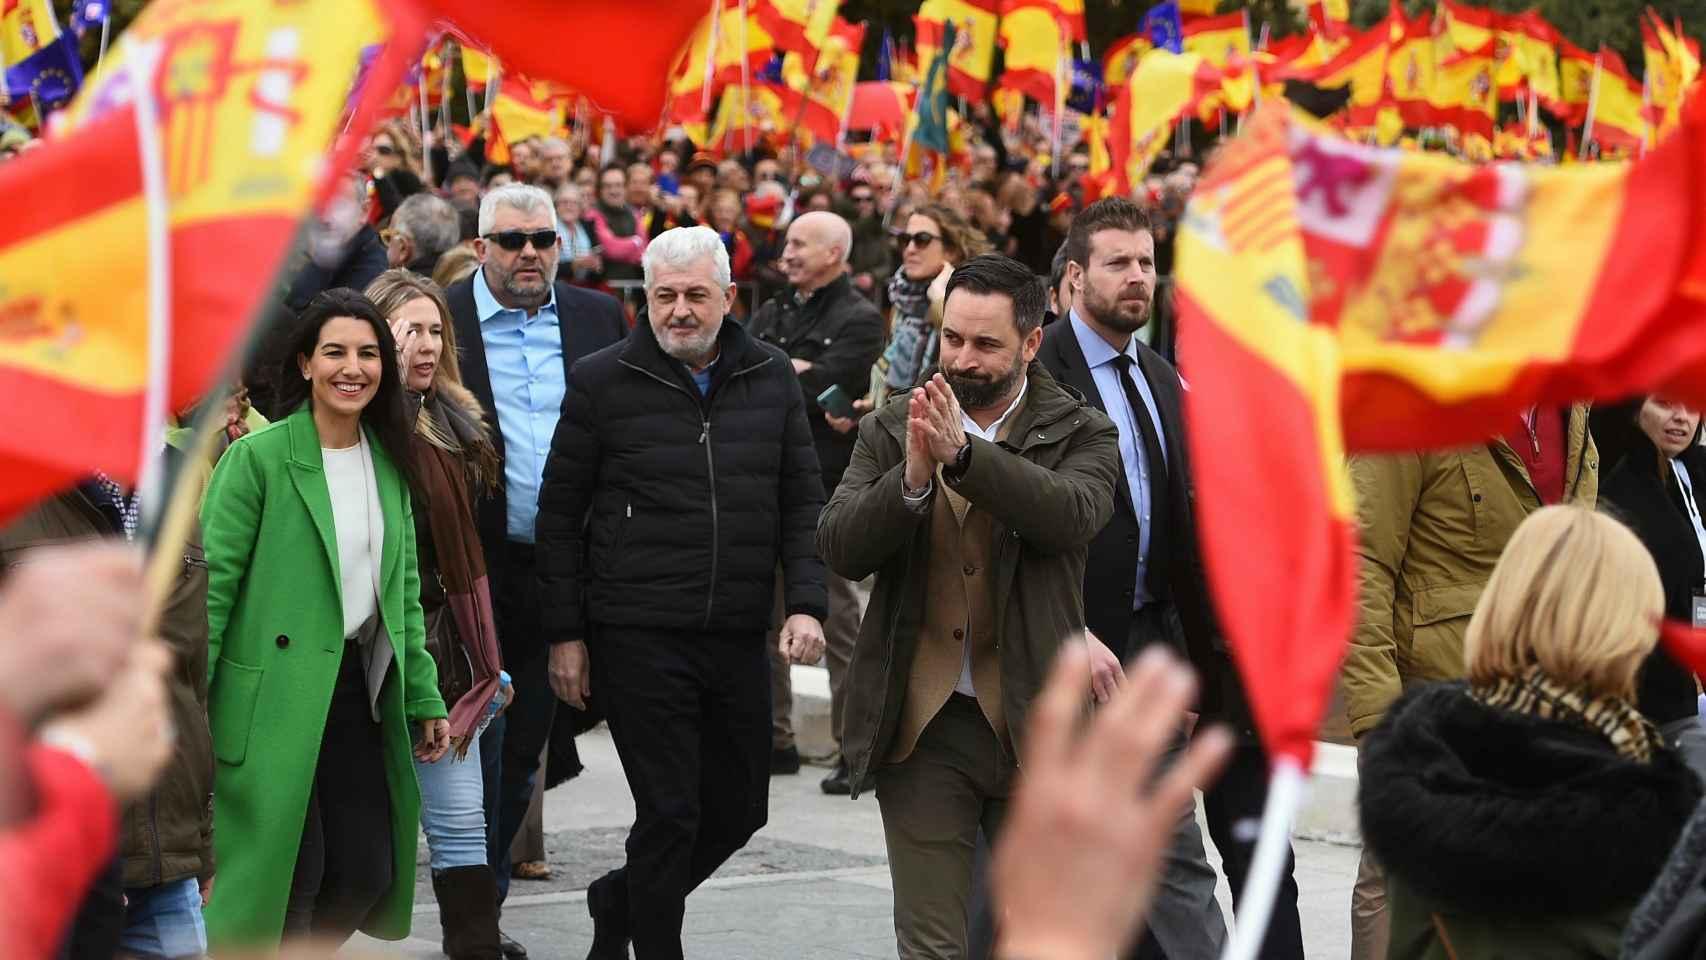 La clase política arropa la manifestación por la unidad de España